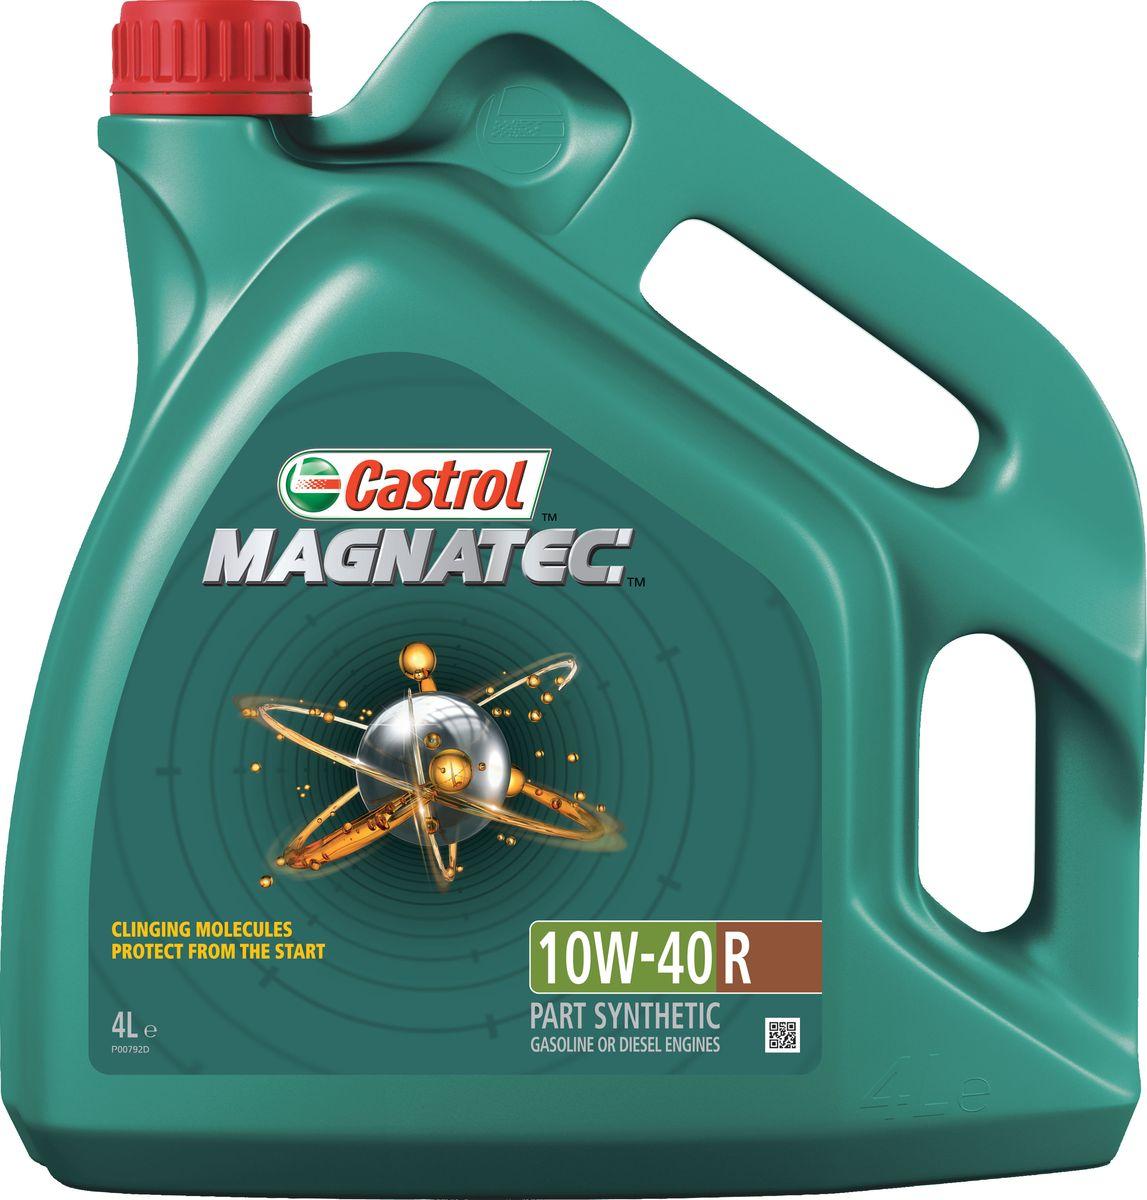 Масло моторное Castrol Magnatec, синтетическое, класс вязкости 10W-40, A3/B4, 4 л156EB4До 75% износа двигателя происходит во время его пуска и прогрева.Когда двигатель выключен, обычное масло стекает в поддон картера, оставляя важнейшие детали двигателя незащищенными. Молекулы Castrol Magnatec подобно магниту притягиваются к деталям двигателя и образуют сверхпрочную масляную пленку, обеспечивающую дополнительную защиту двигателя в период пуска, когда риск возникновения износа существенно возрастает.Моторное масло Castrol Magnatec подходит для применения в бензиновых и дизельных двигателях, в которых производитель рекомендует использовать смазочные материалы соответствующие классу вязкости SAE 10W-40 и спецификациям ACEA A3/B4, A3/B3, API SL/CF или более ранним. Castrol Magnatec одобрено к использованию в автомобилях ведущих производителейтехники.Компоненты пакета присадок моторного масла Castrol Magnatec:- в сочетании с синтетической технологией обеспечивают повышенную защиту при высоко- и низкотемпературных режимах работы двигателя;- обеспечивают постоянную защиту в любых условиях эксплуатации, при различных стилях вождения и в широком диапазоне температур.Castrol Magnatec специально разработано и протестировано с учетом особенностей российских условий эксплуатации. Обеспечивает комплексную защиту двигателя даже при самых тяжелых дорожных условиях: эксплуатация при низкой температуре, использование российского топлива и движение в городских пробках.Спецификации:ACEA A3/B3, A3/B4,API SL/CF,Meets Fiat 9.55535-D2,MB-Approval 226.5/ 229.1,Renault RN 0700 / RN 0710,VW 502 00 / 505 00.Товар сертифицирован.